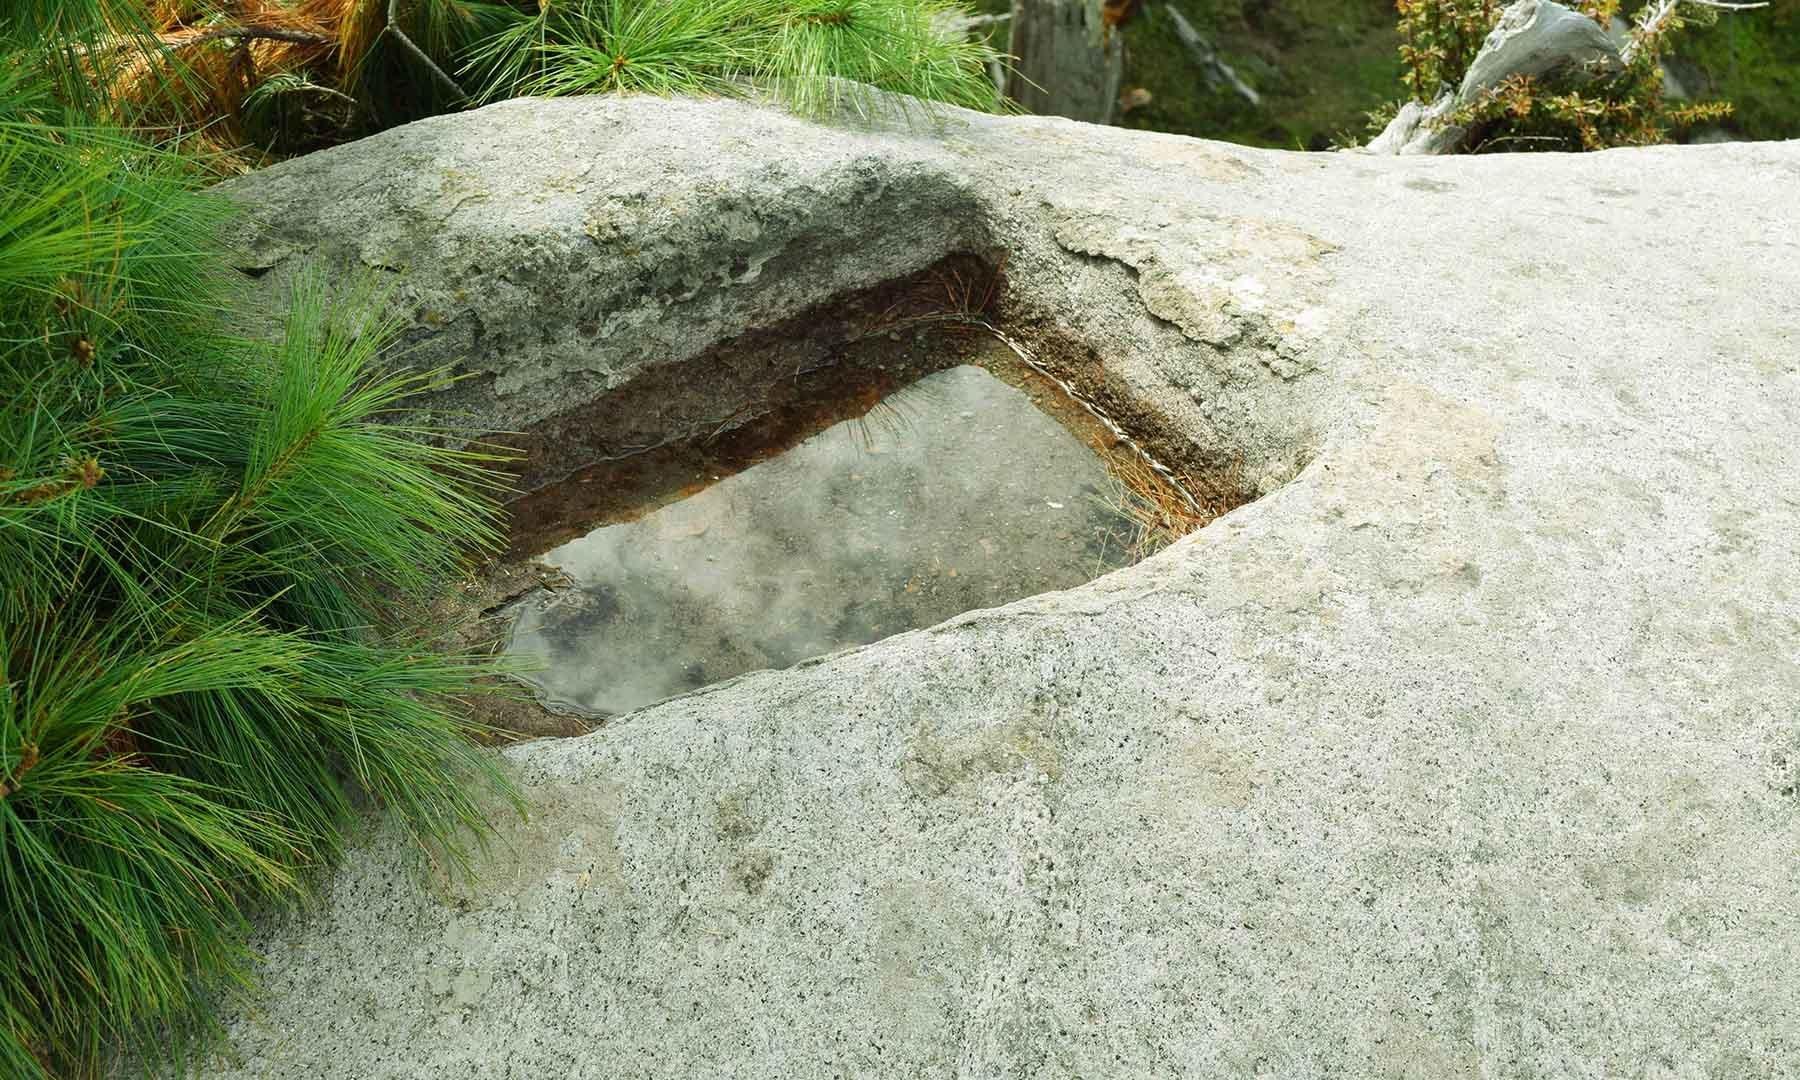 رام تخت پر پانی کے لئے بنائی گئی چھوٹی سی جگہ، ایک عام خیال ہے کہ یہ جگہ رام چندر جی کی بنائی ہوئی ہے۔